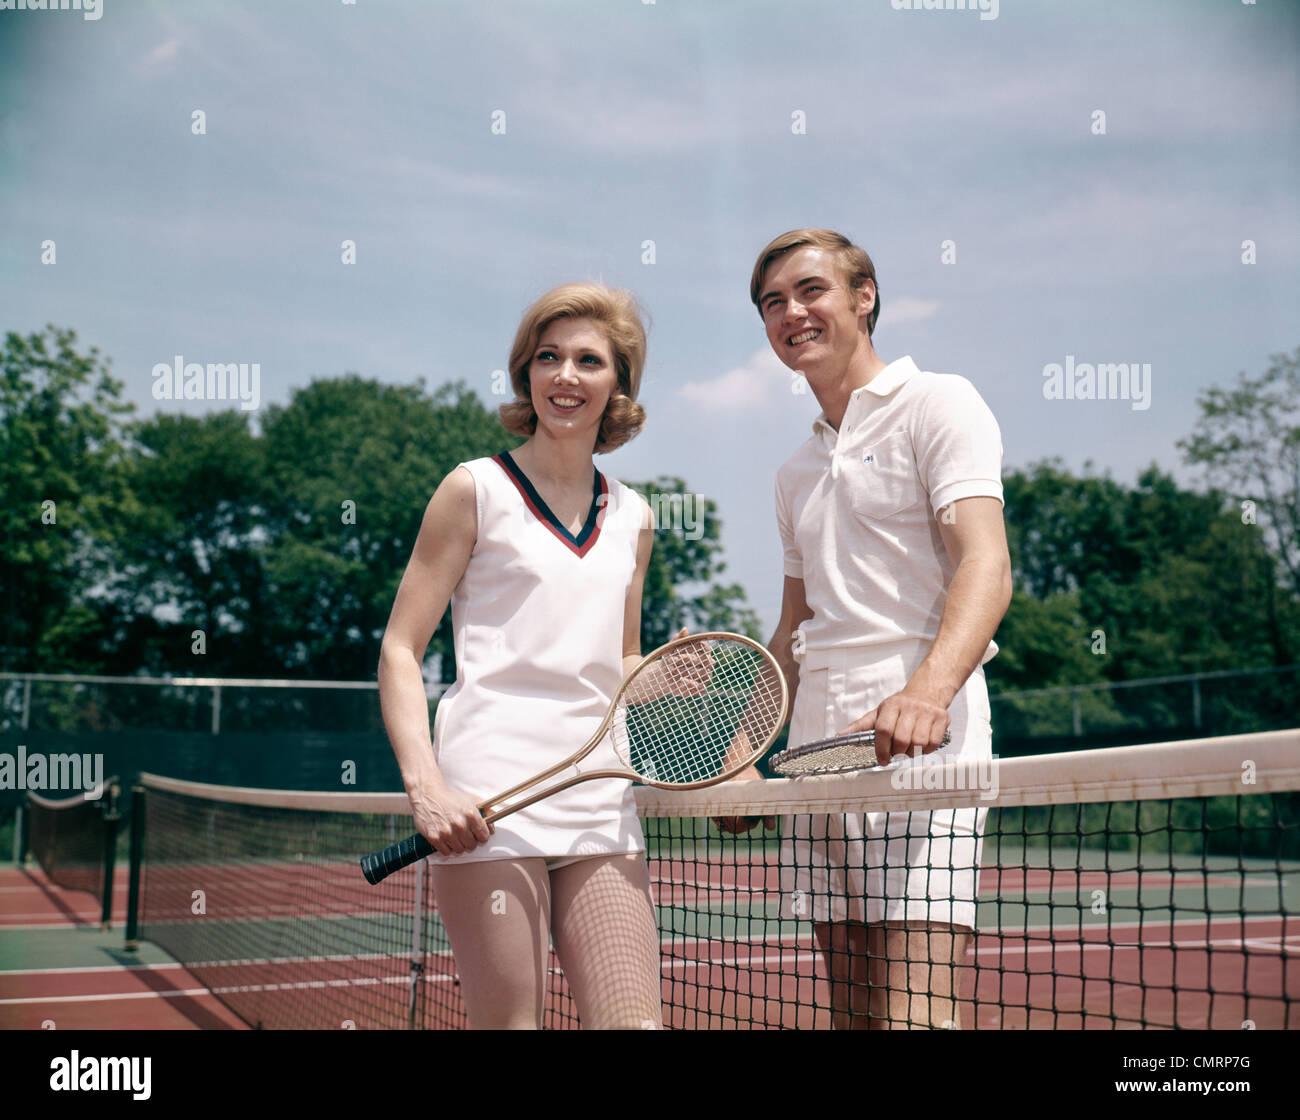 1970 1970 RETRO SMILING COUPLE HOMME FEMME debout sur les côtés opposés du TENNIS NET LOISIRS RAQUETTES Photo Stock